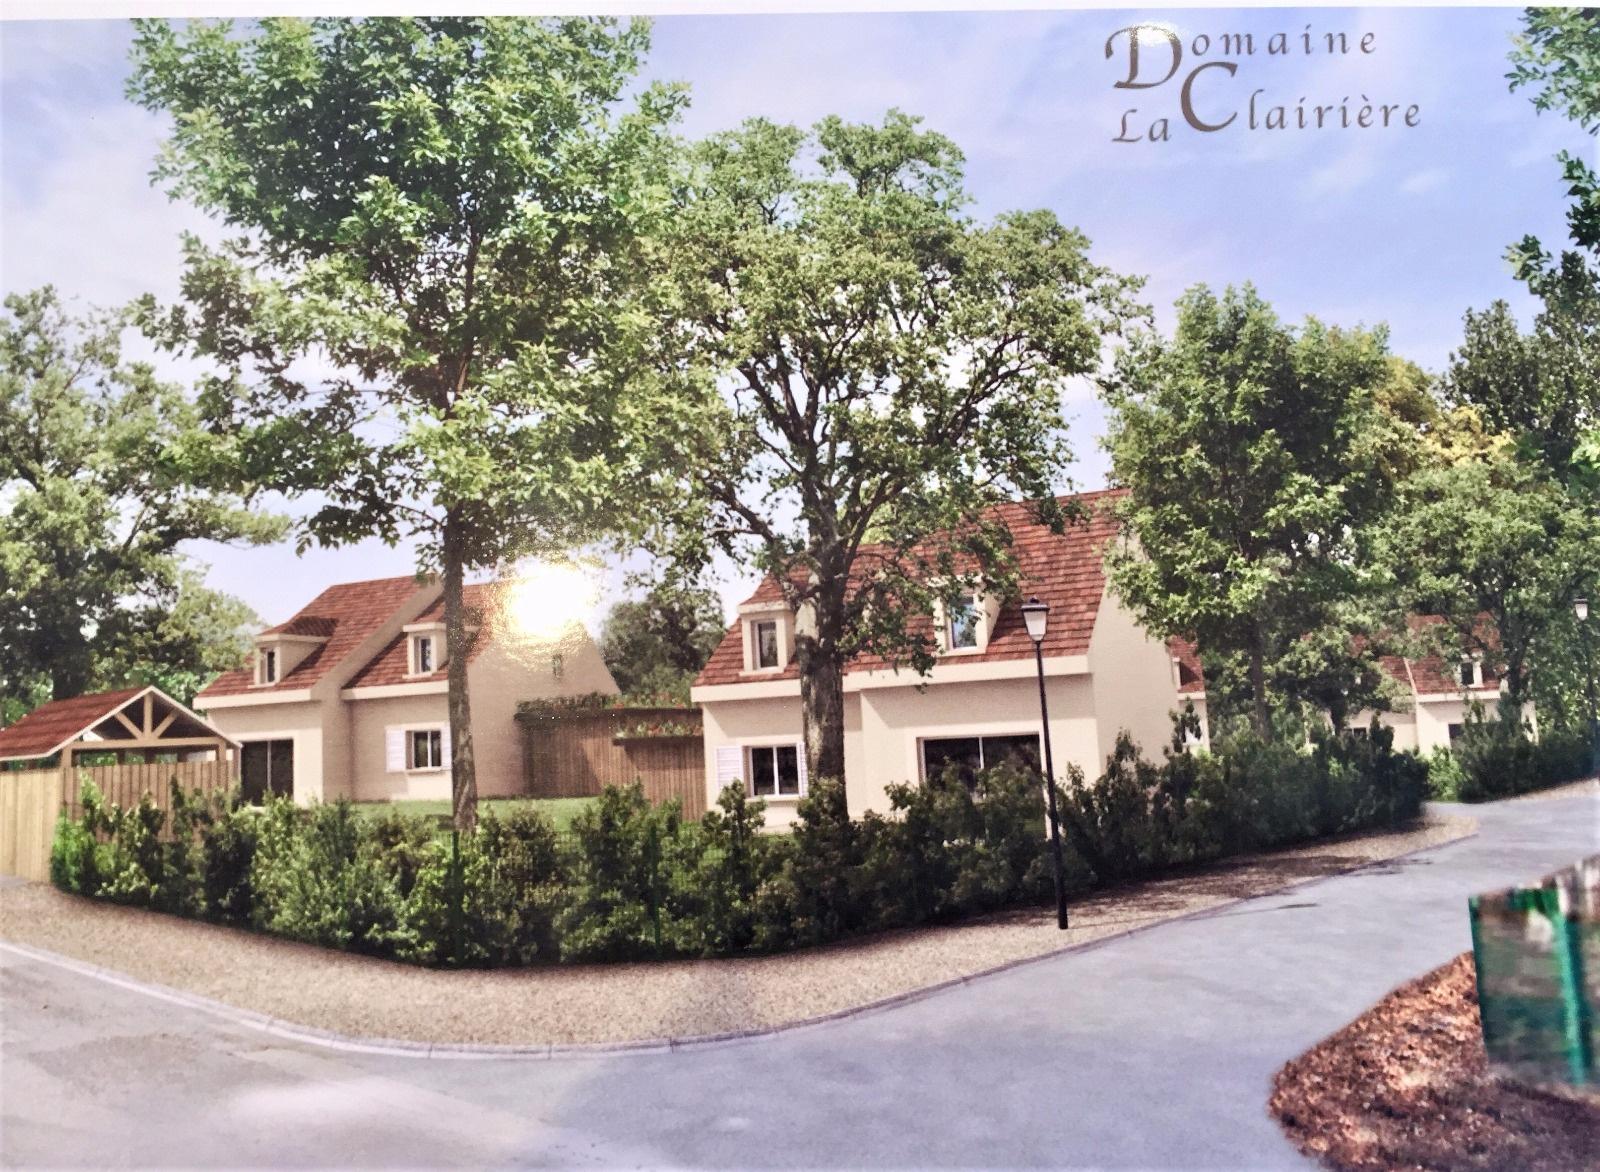 Vente maison neuve 3 chambres jardin de 467m for Amenagement jardin maison neuve